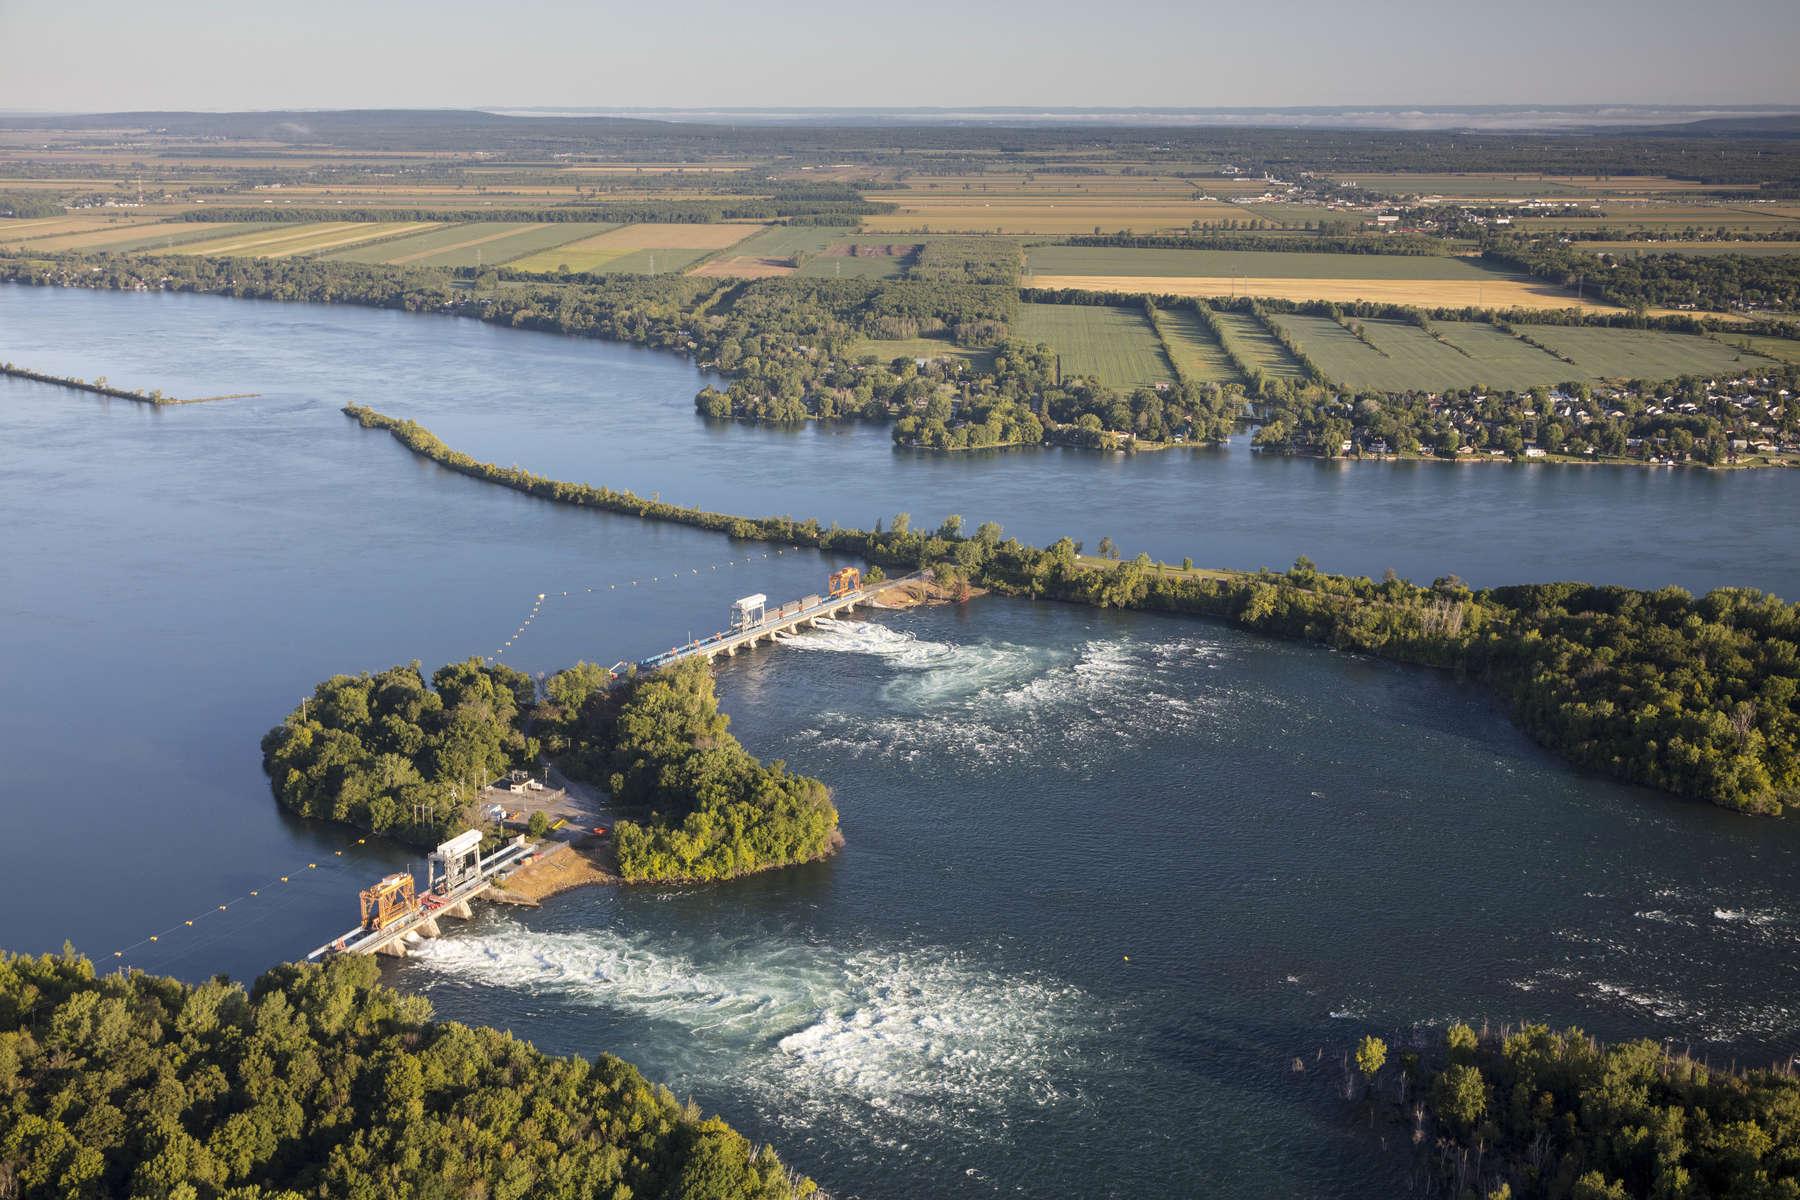 Hydro Quebec Juliet Dams